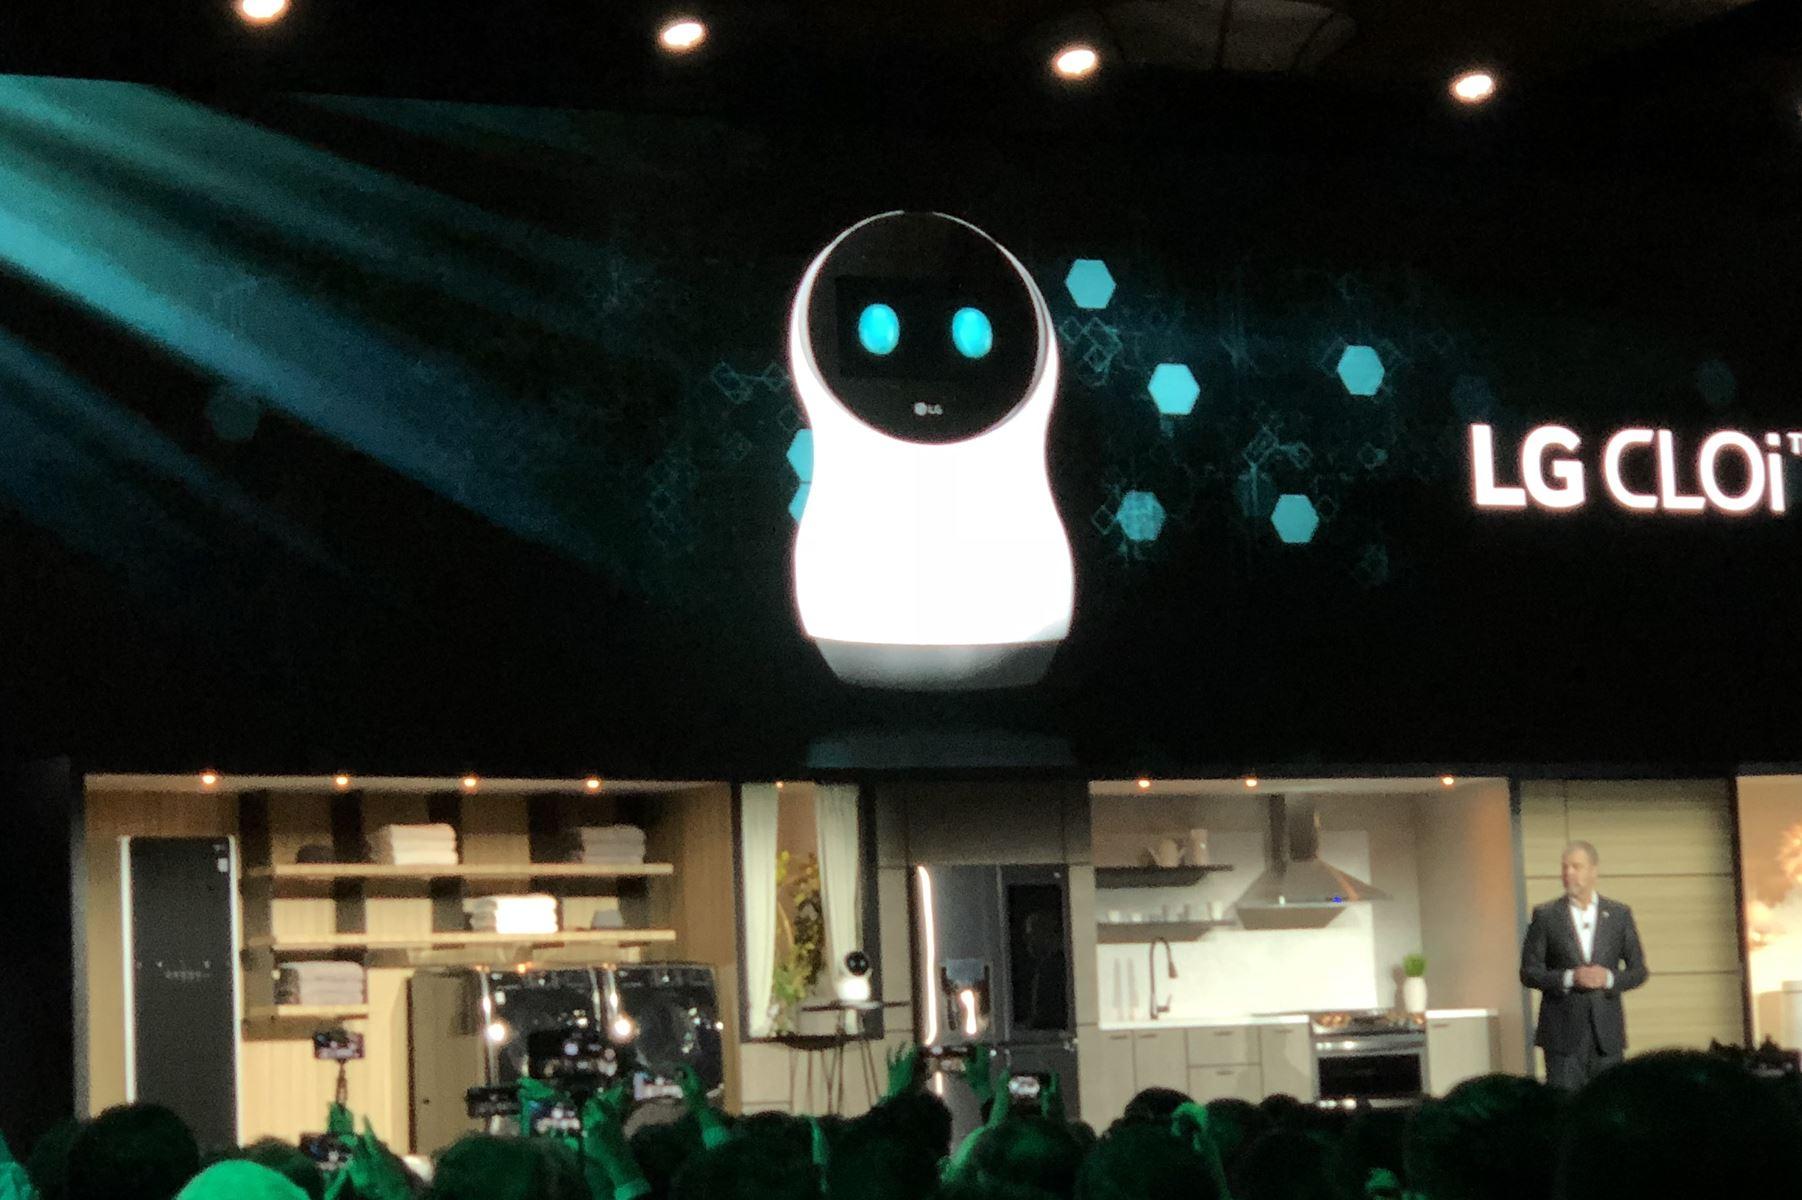 En lille robot, der kan styre hjemmets teknologi, gik i sort under verdenspræsentationen i Las Vegas.